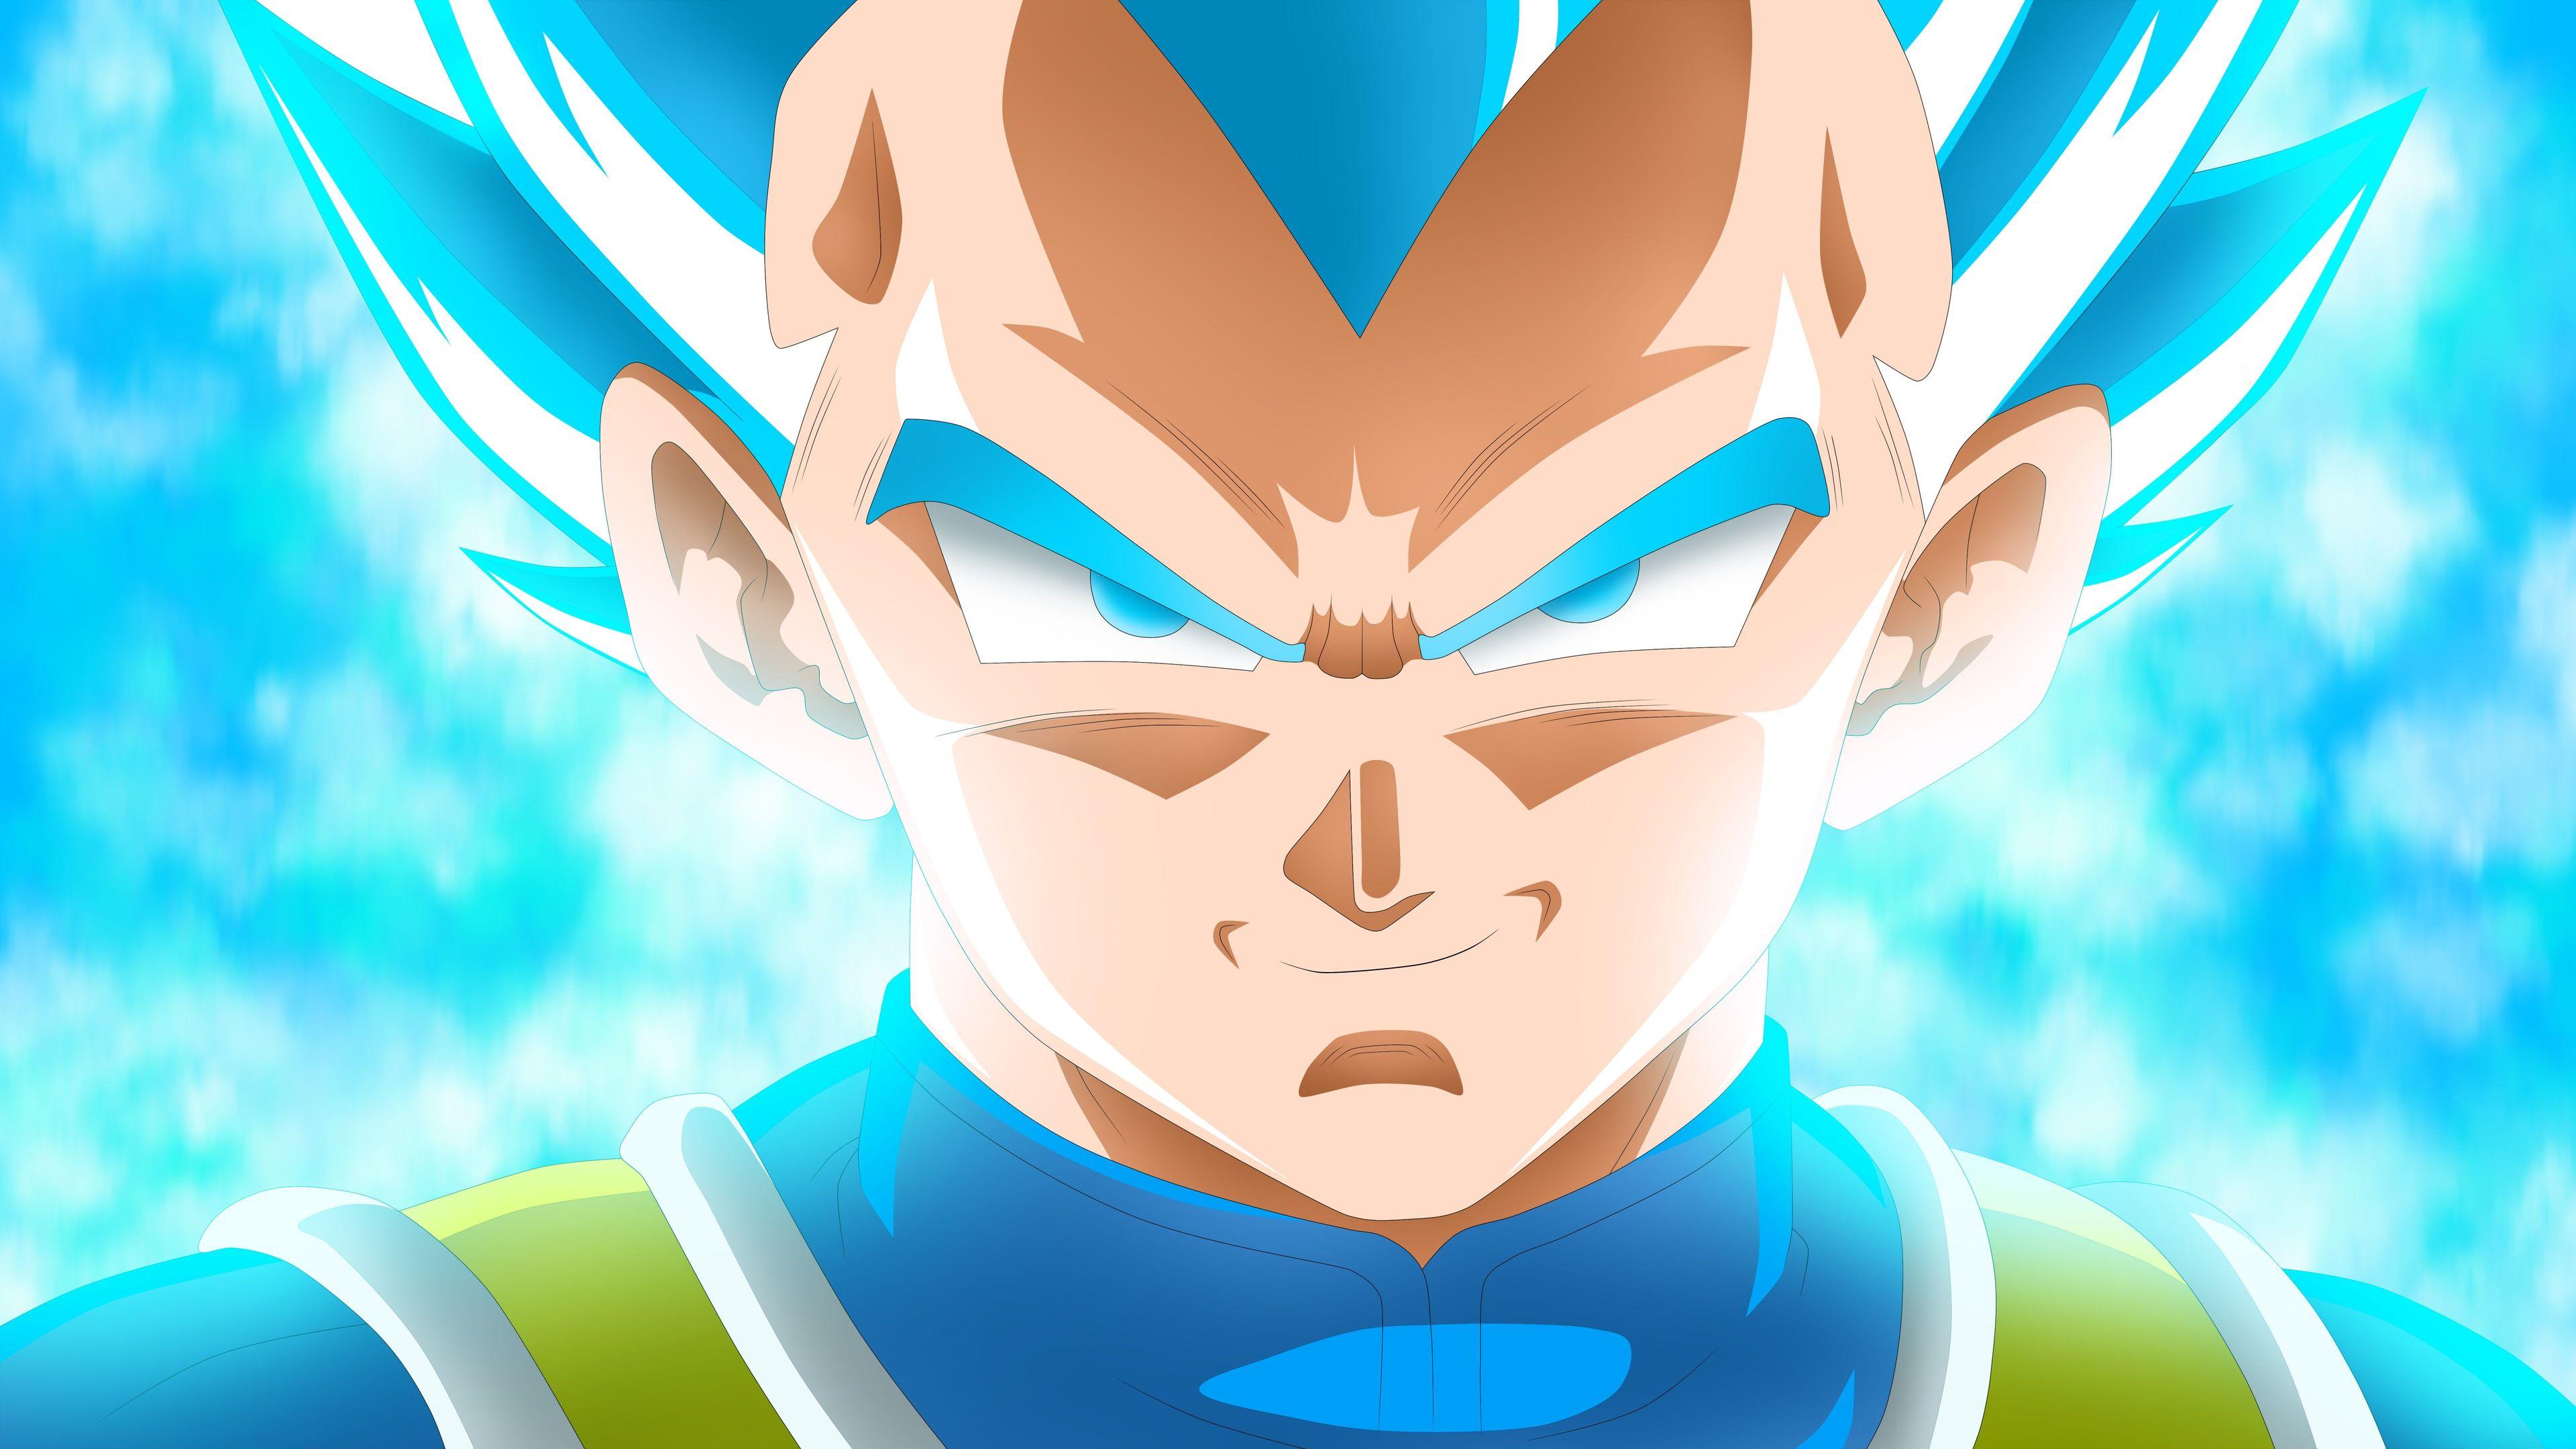 anime dragon ball goku piccolo 1541974492 - Anime Dragon Ball Goku Piccolo - hd-wallpapers, dragon ball wallpapers, dragon ball super wallpapers, anime wallpapers, 4k-wallpapers